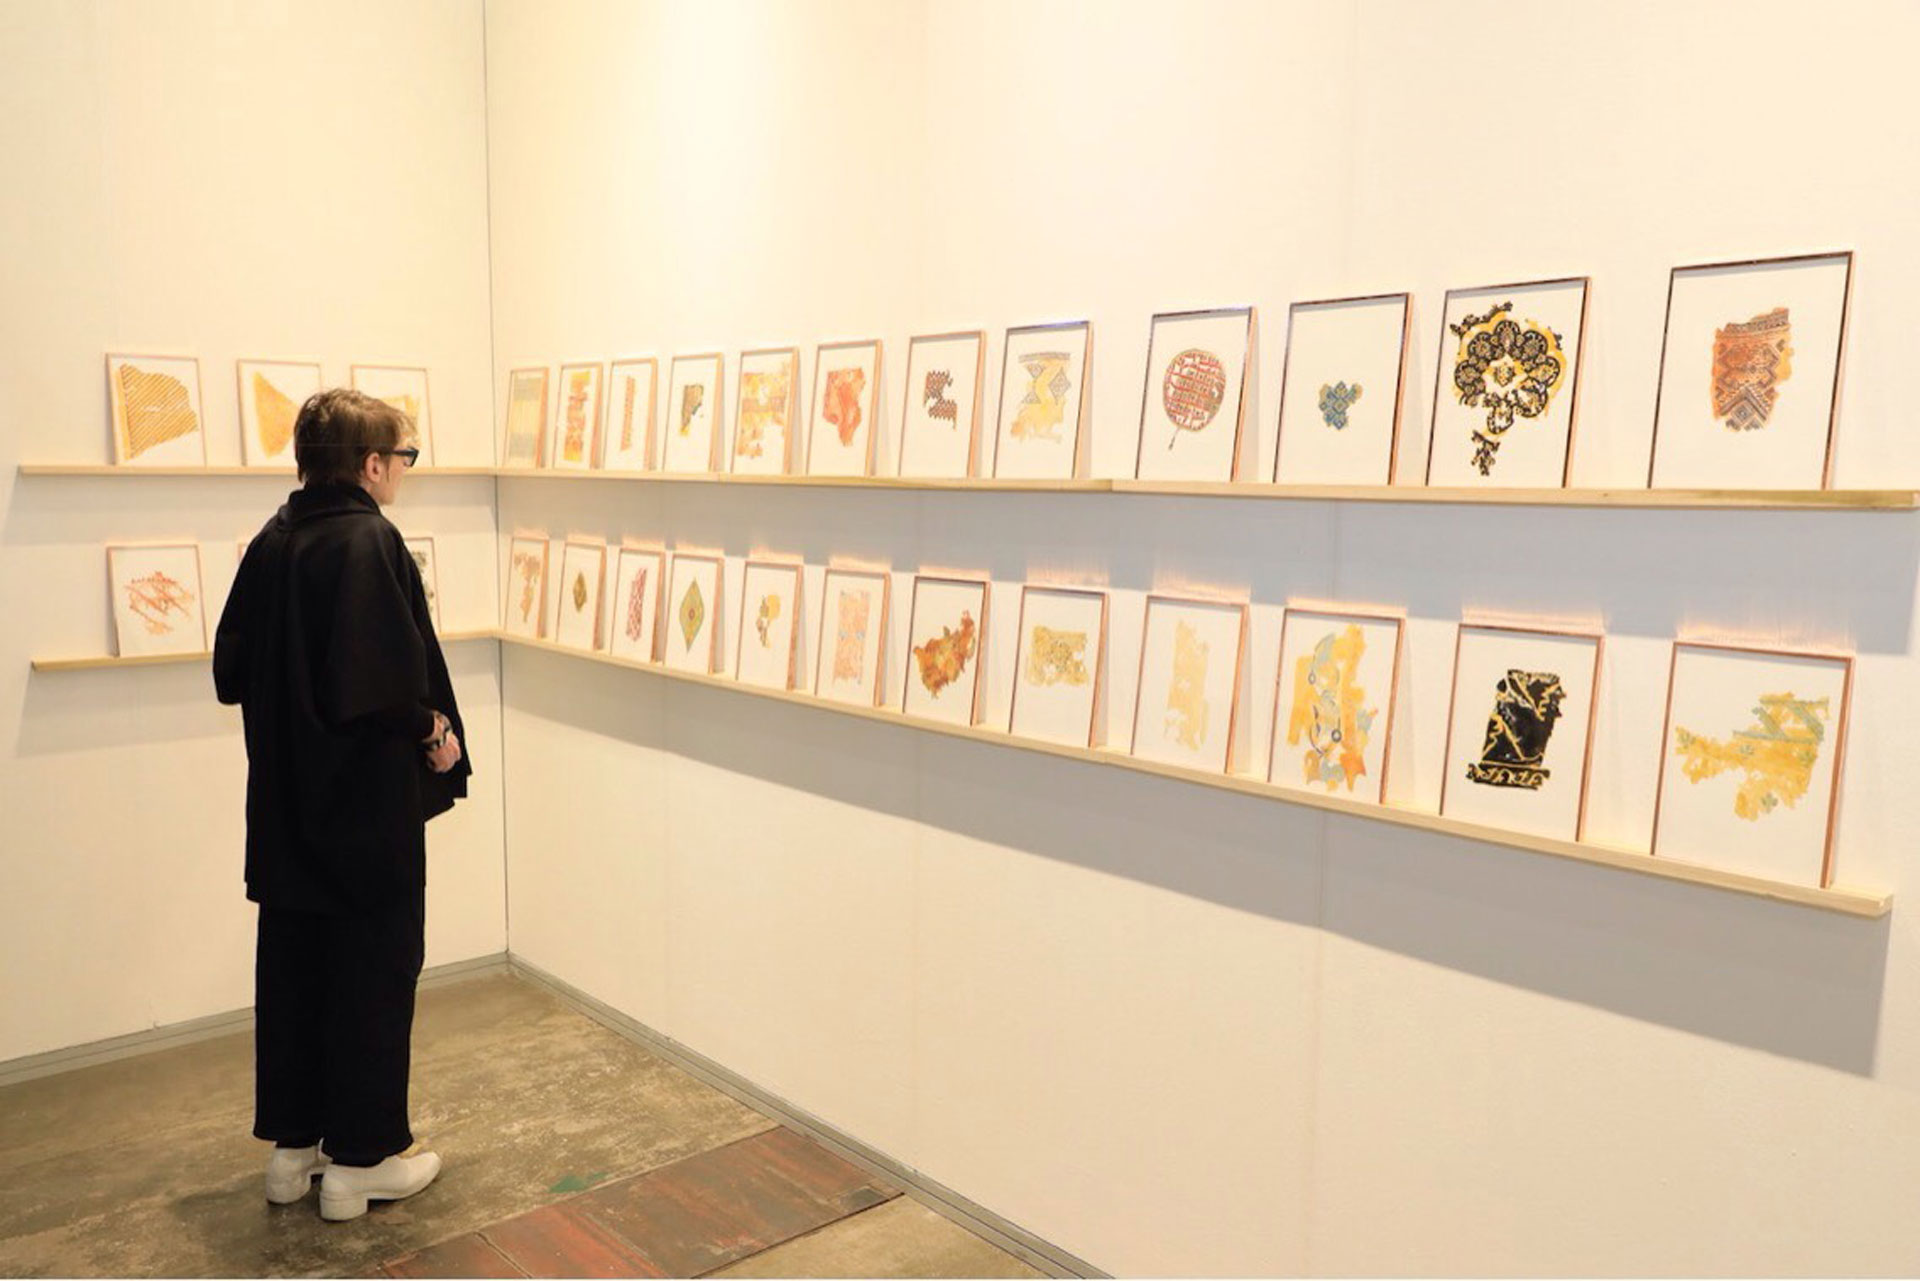 Gala Porras-Kim (Colombia) –Galería Commonwealth and Council, Los Ángeles-